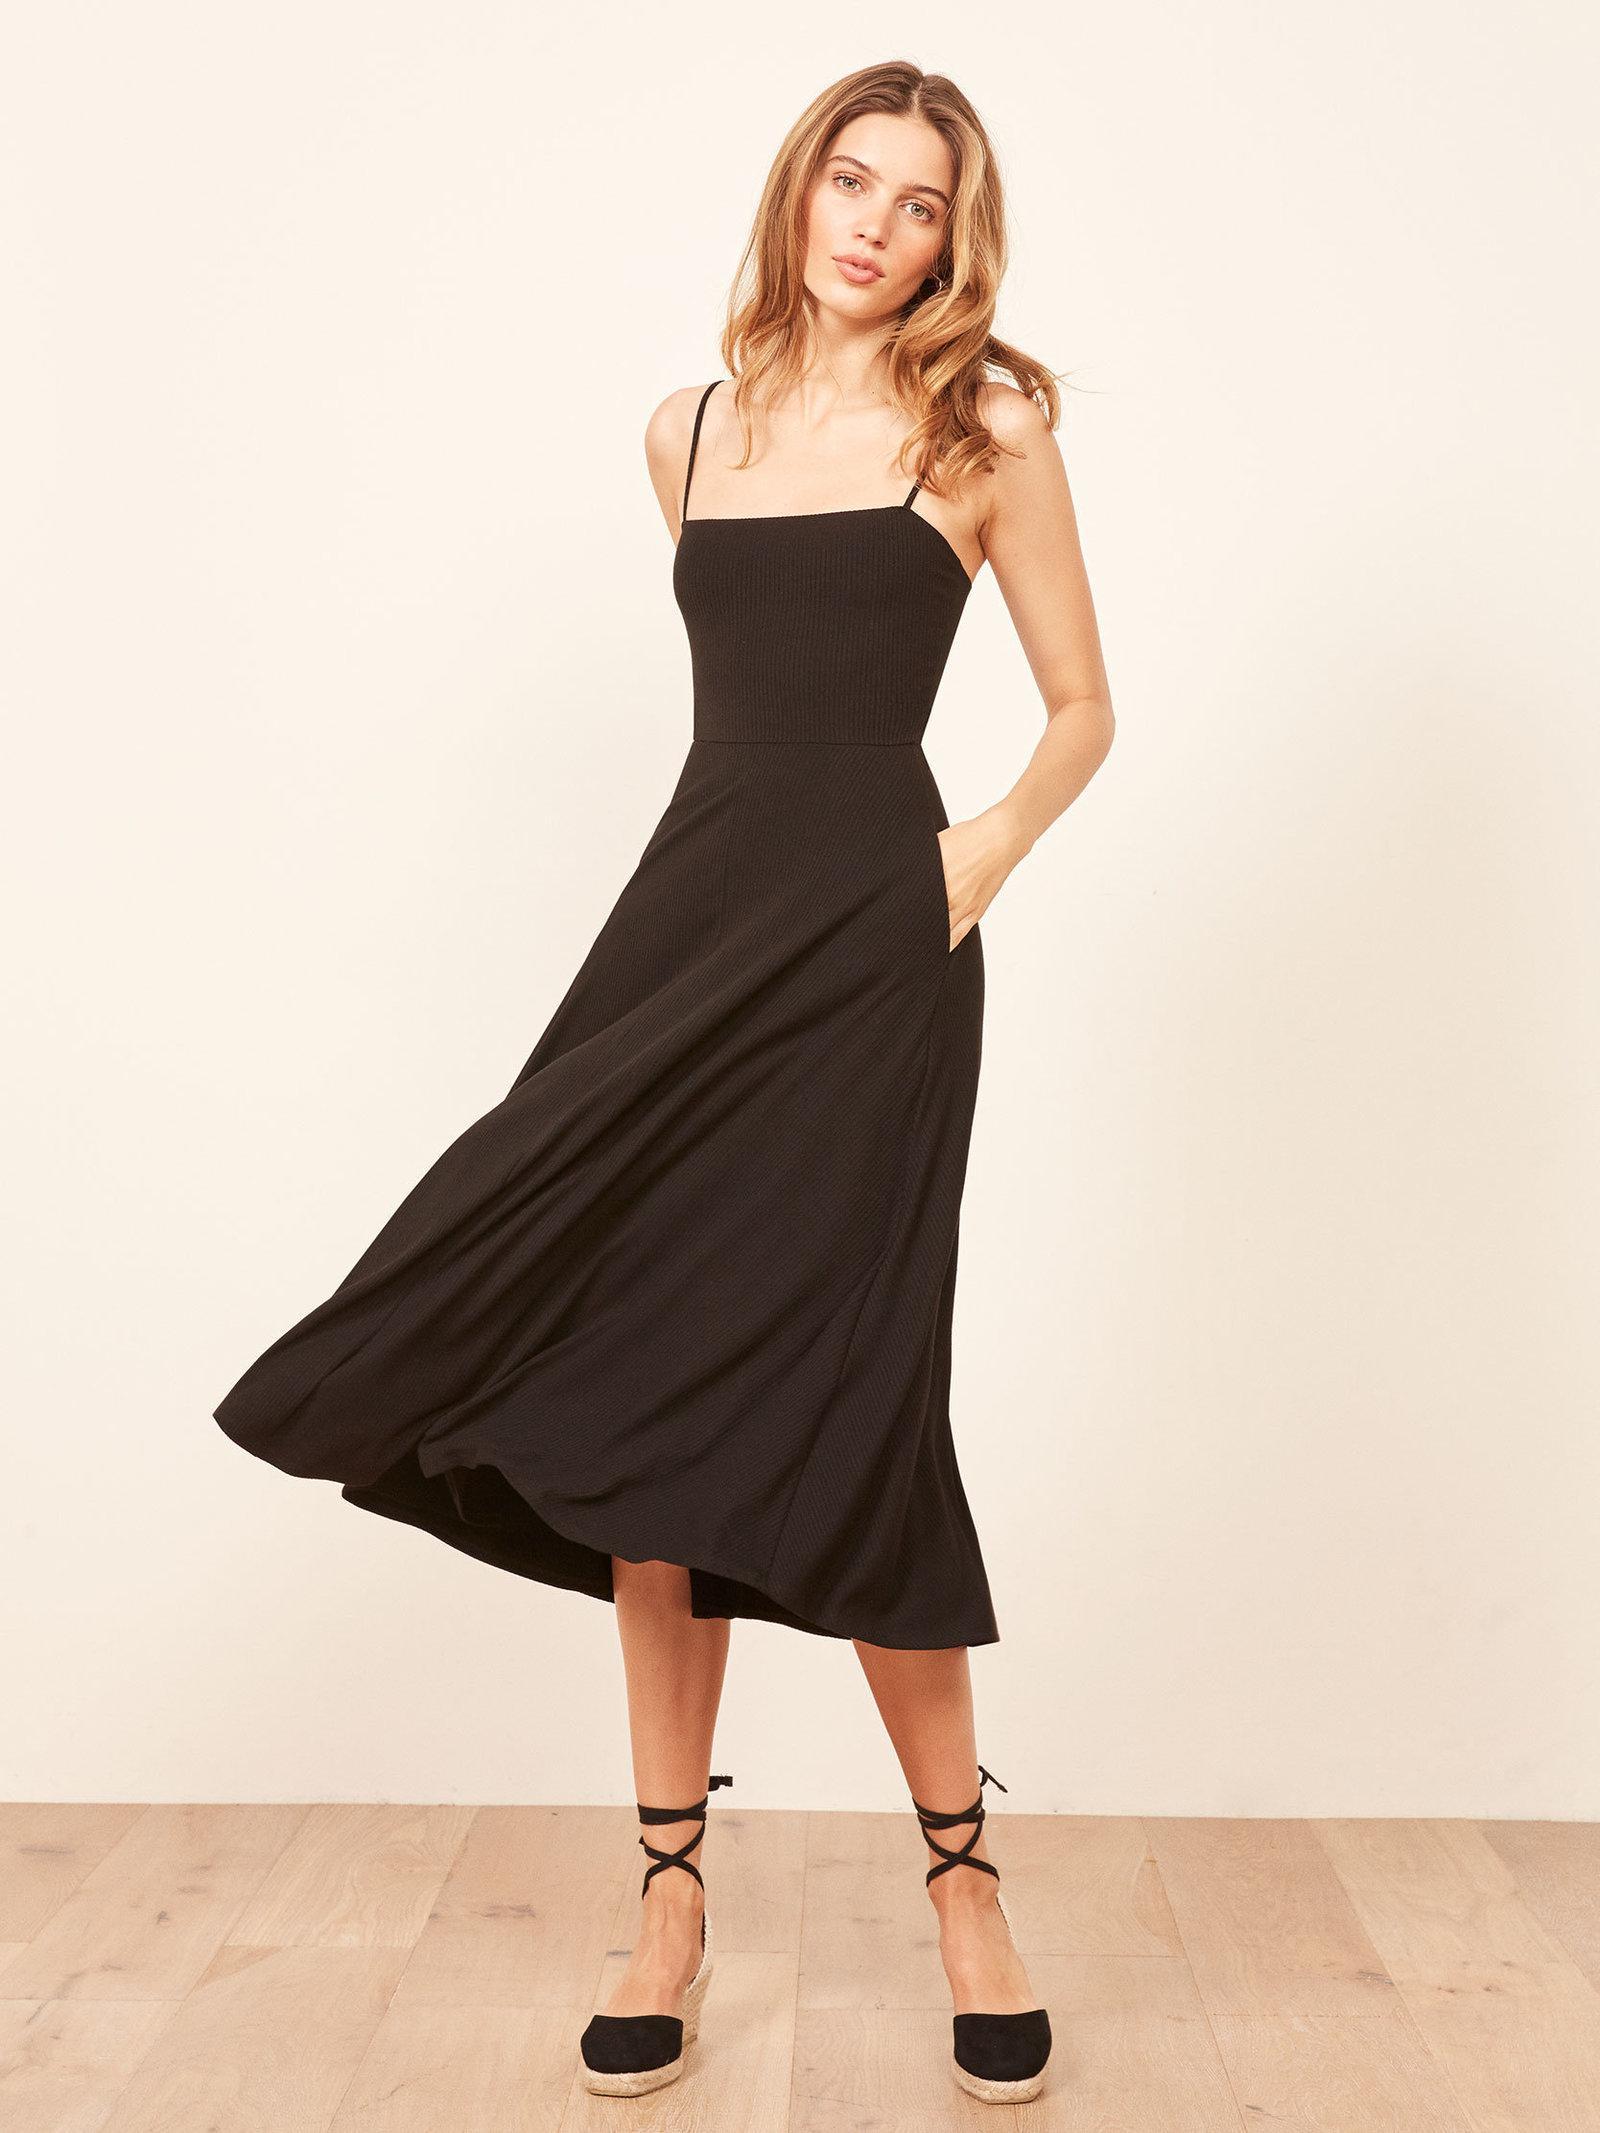 Bettie Dress - $98